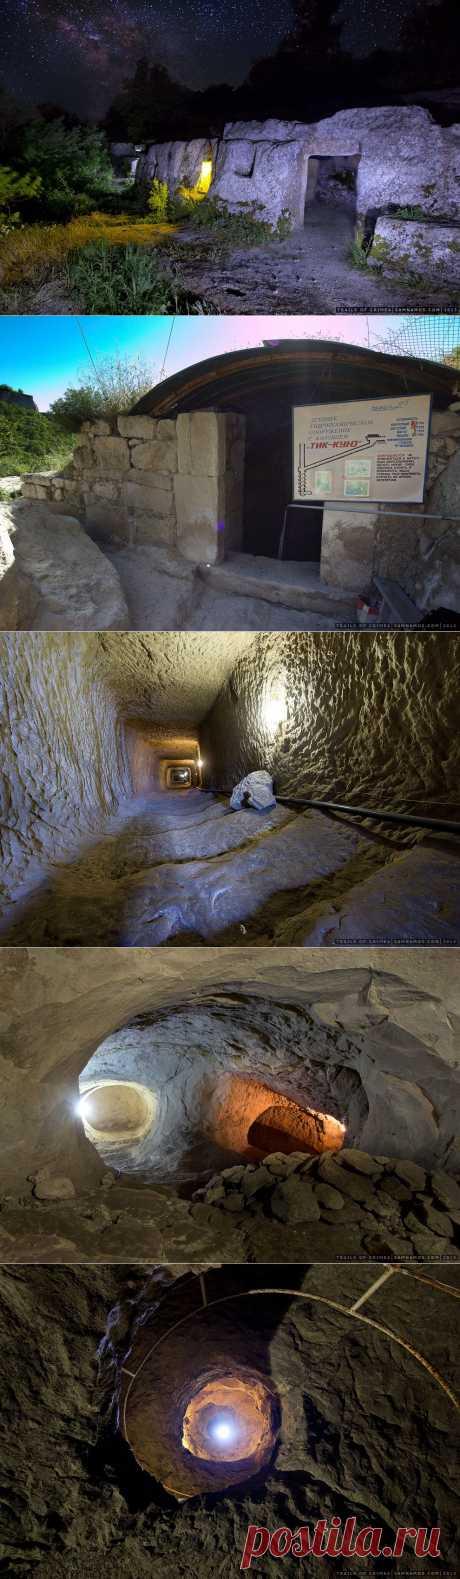 прогулка по пещерным городам Крыма